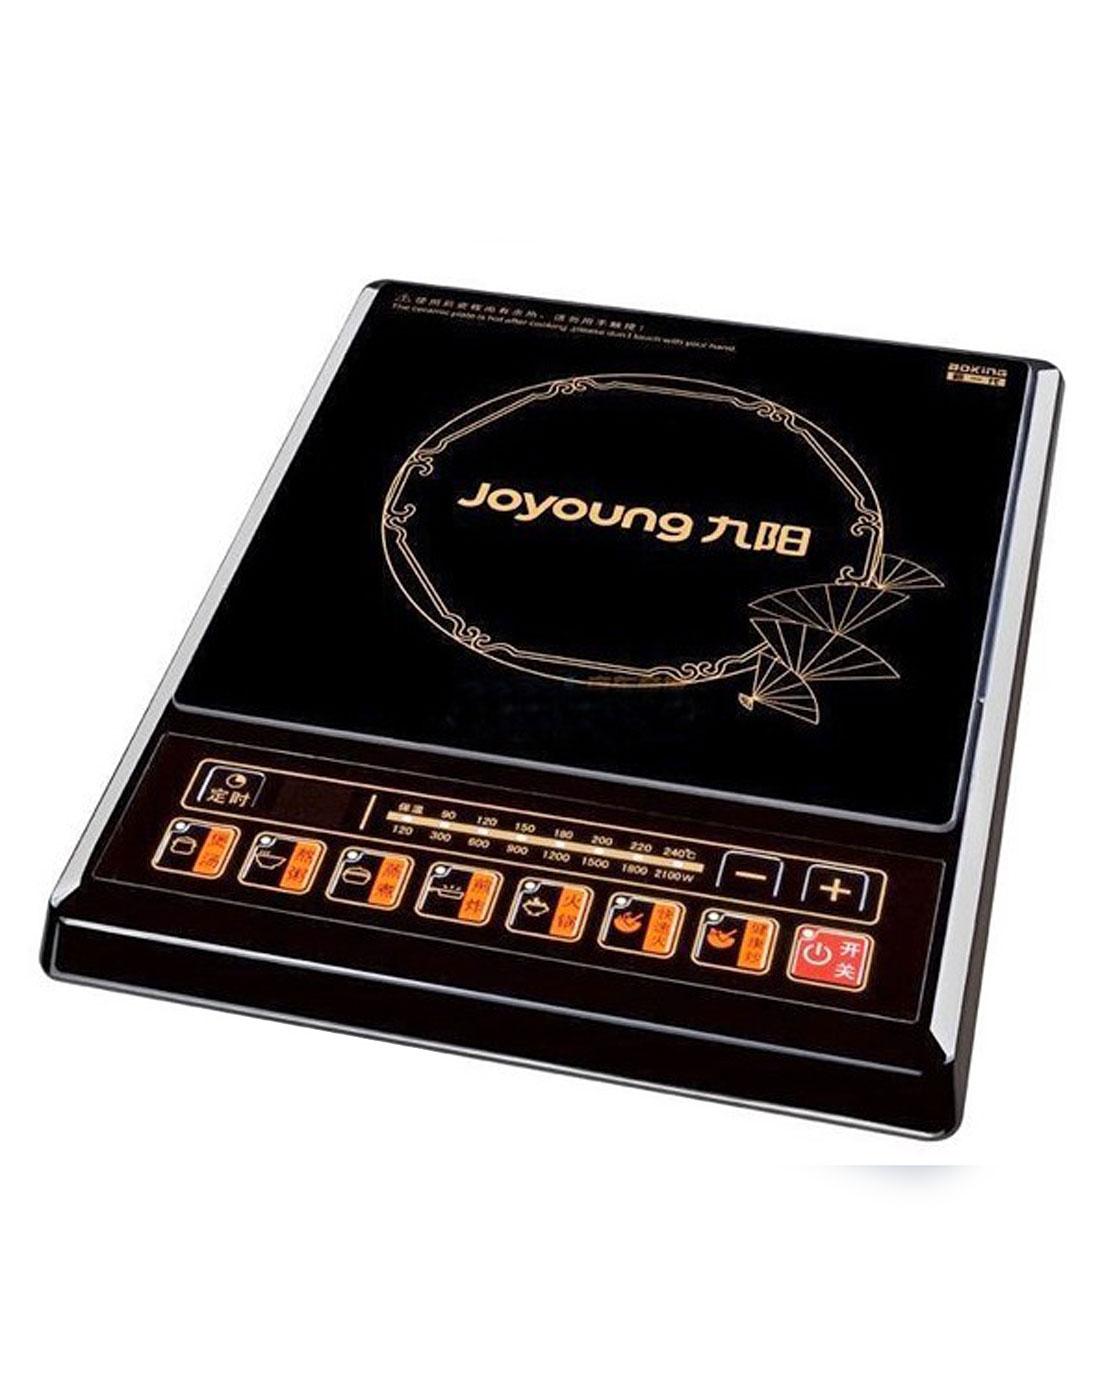 九阳jyc-21es10电磁炉